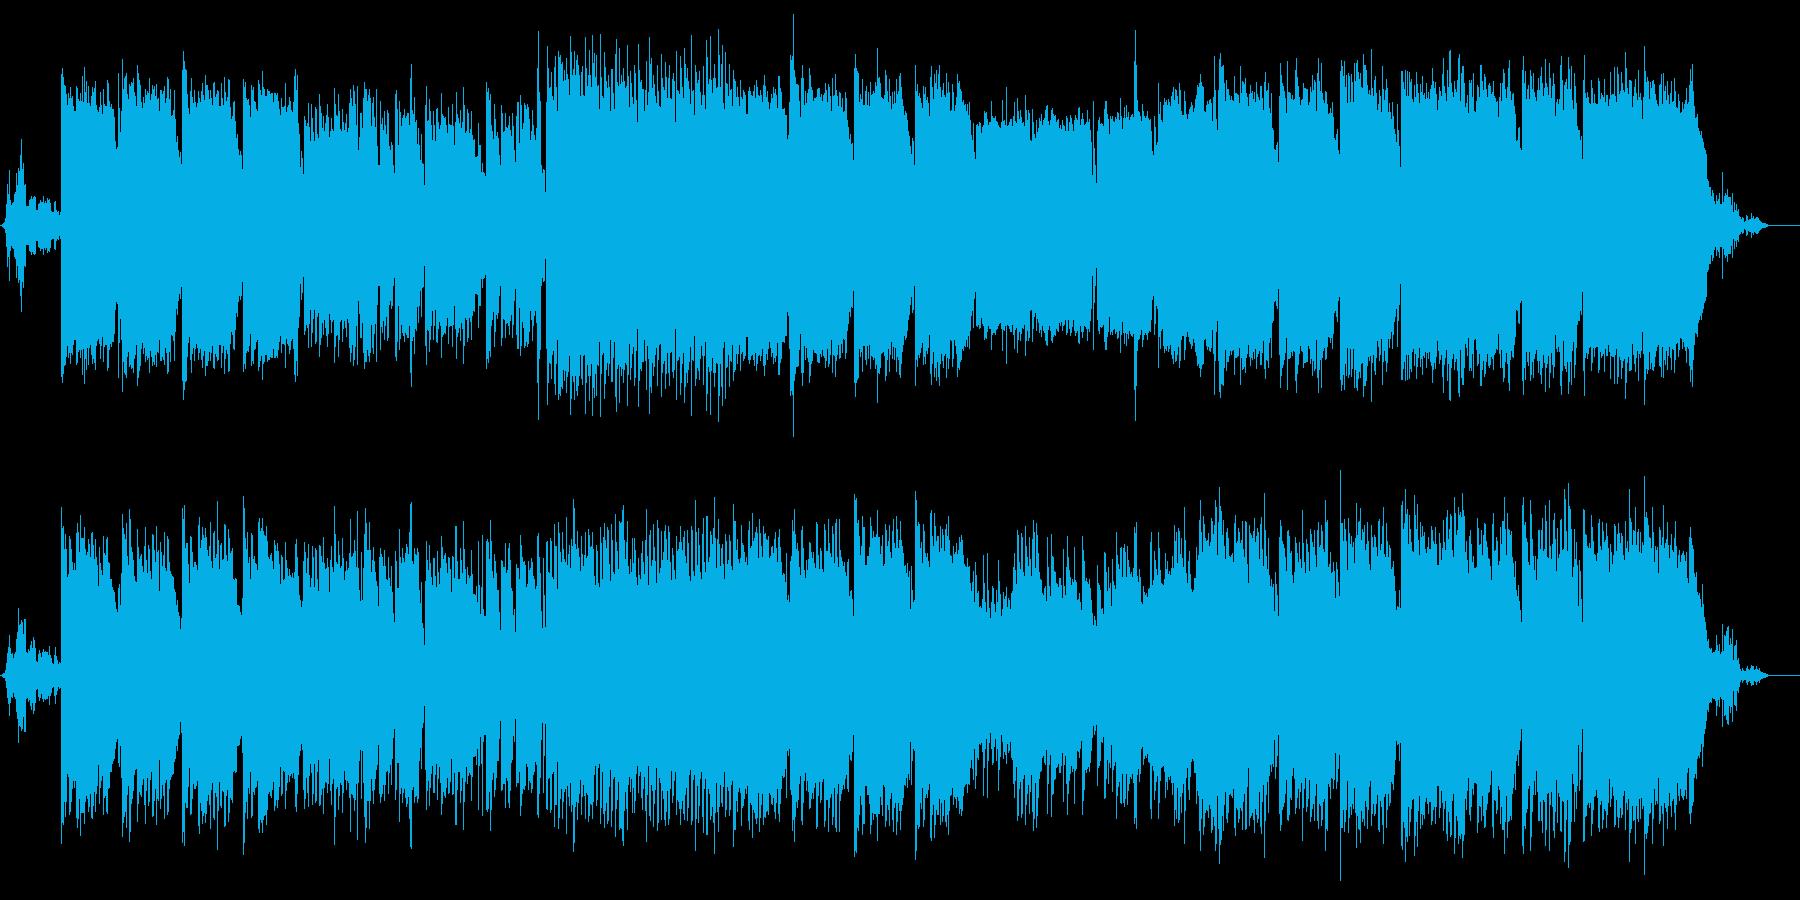 大自然の中にいるようなアンビエントBGMの再生済みの波形